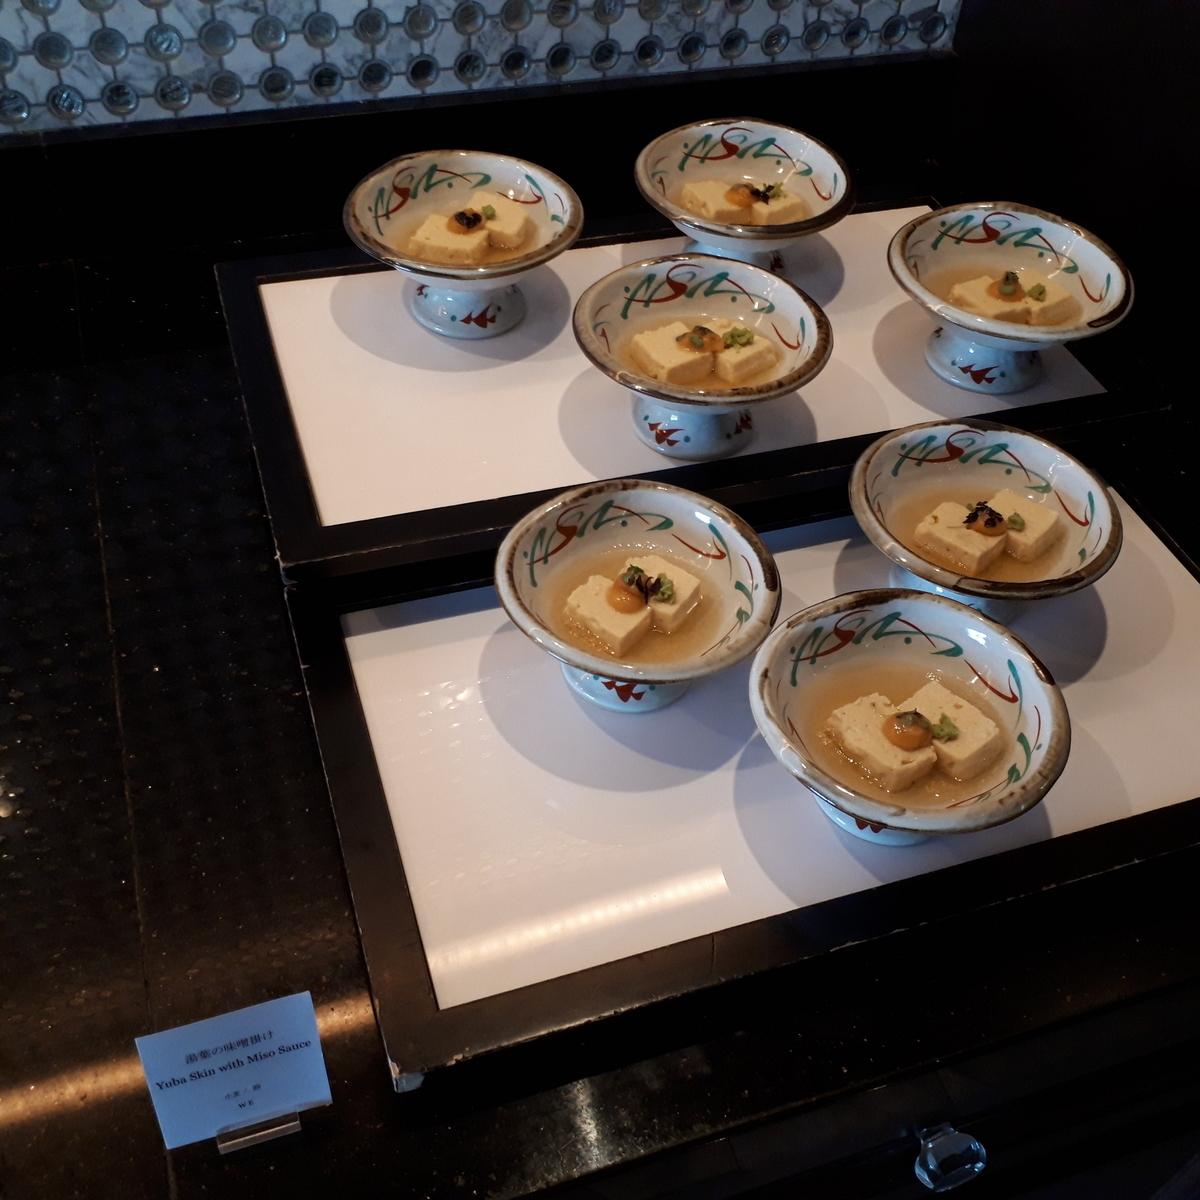 リッツカールトン大阪 クラブラウンジ 夕食前の前菜 湯葉の味噌がけ